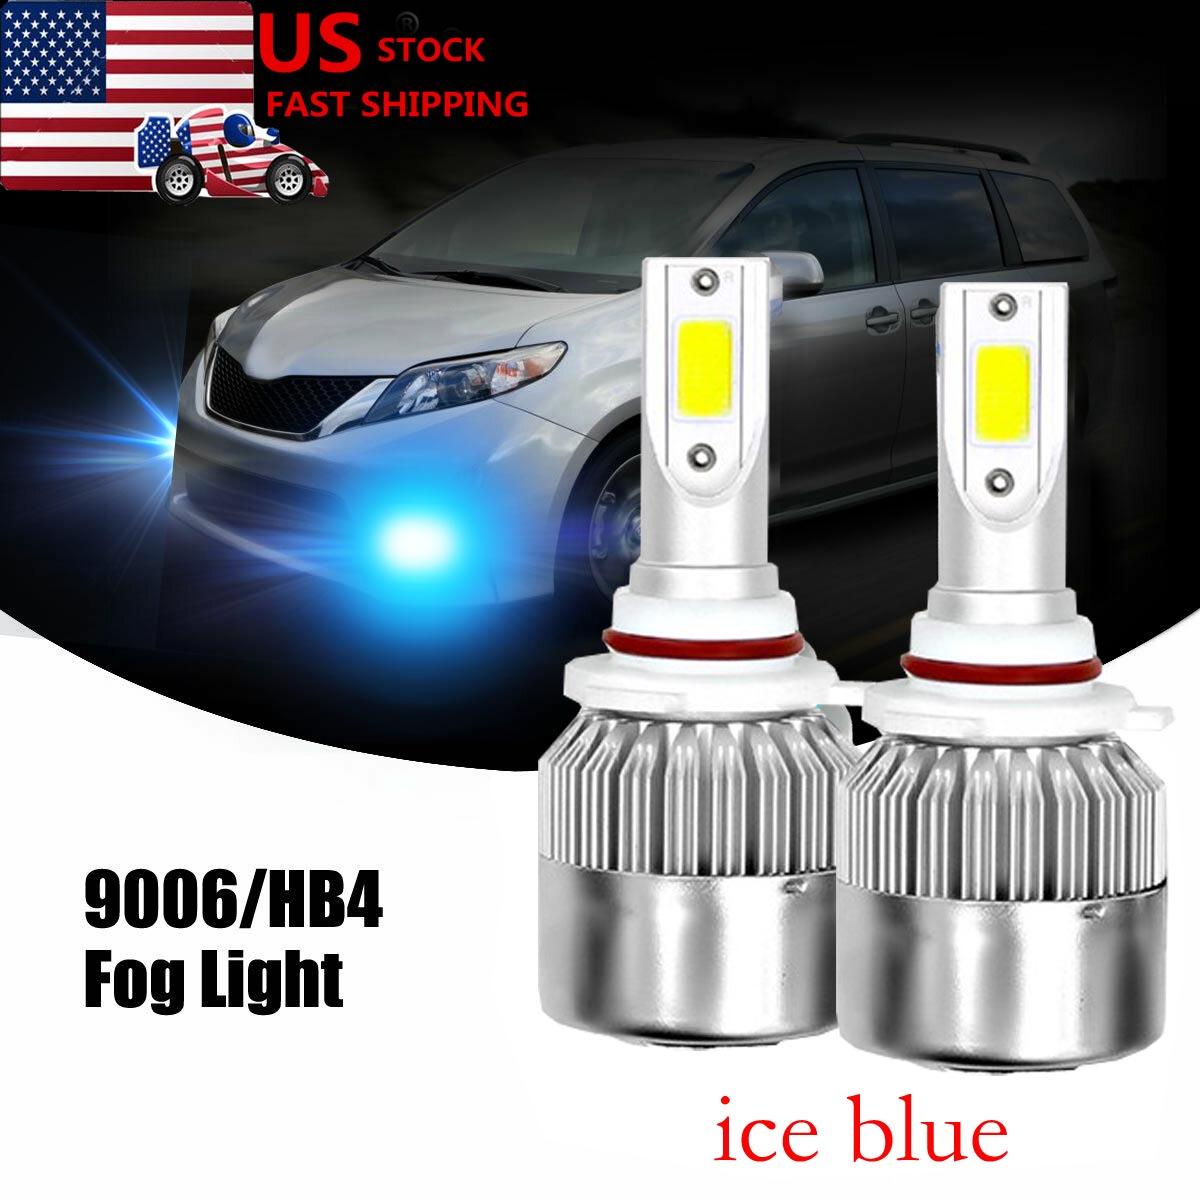 2x NEW 100W 8000K LED Fog Lights for Toyota 4Runner /& Corolla 2006 2007 2008